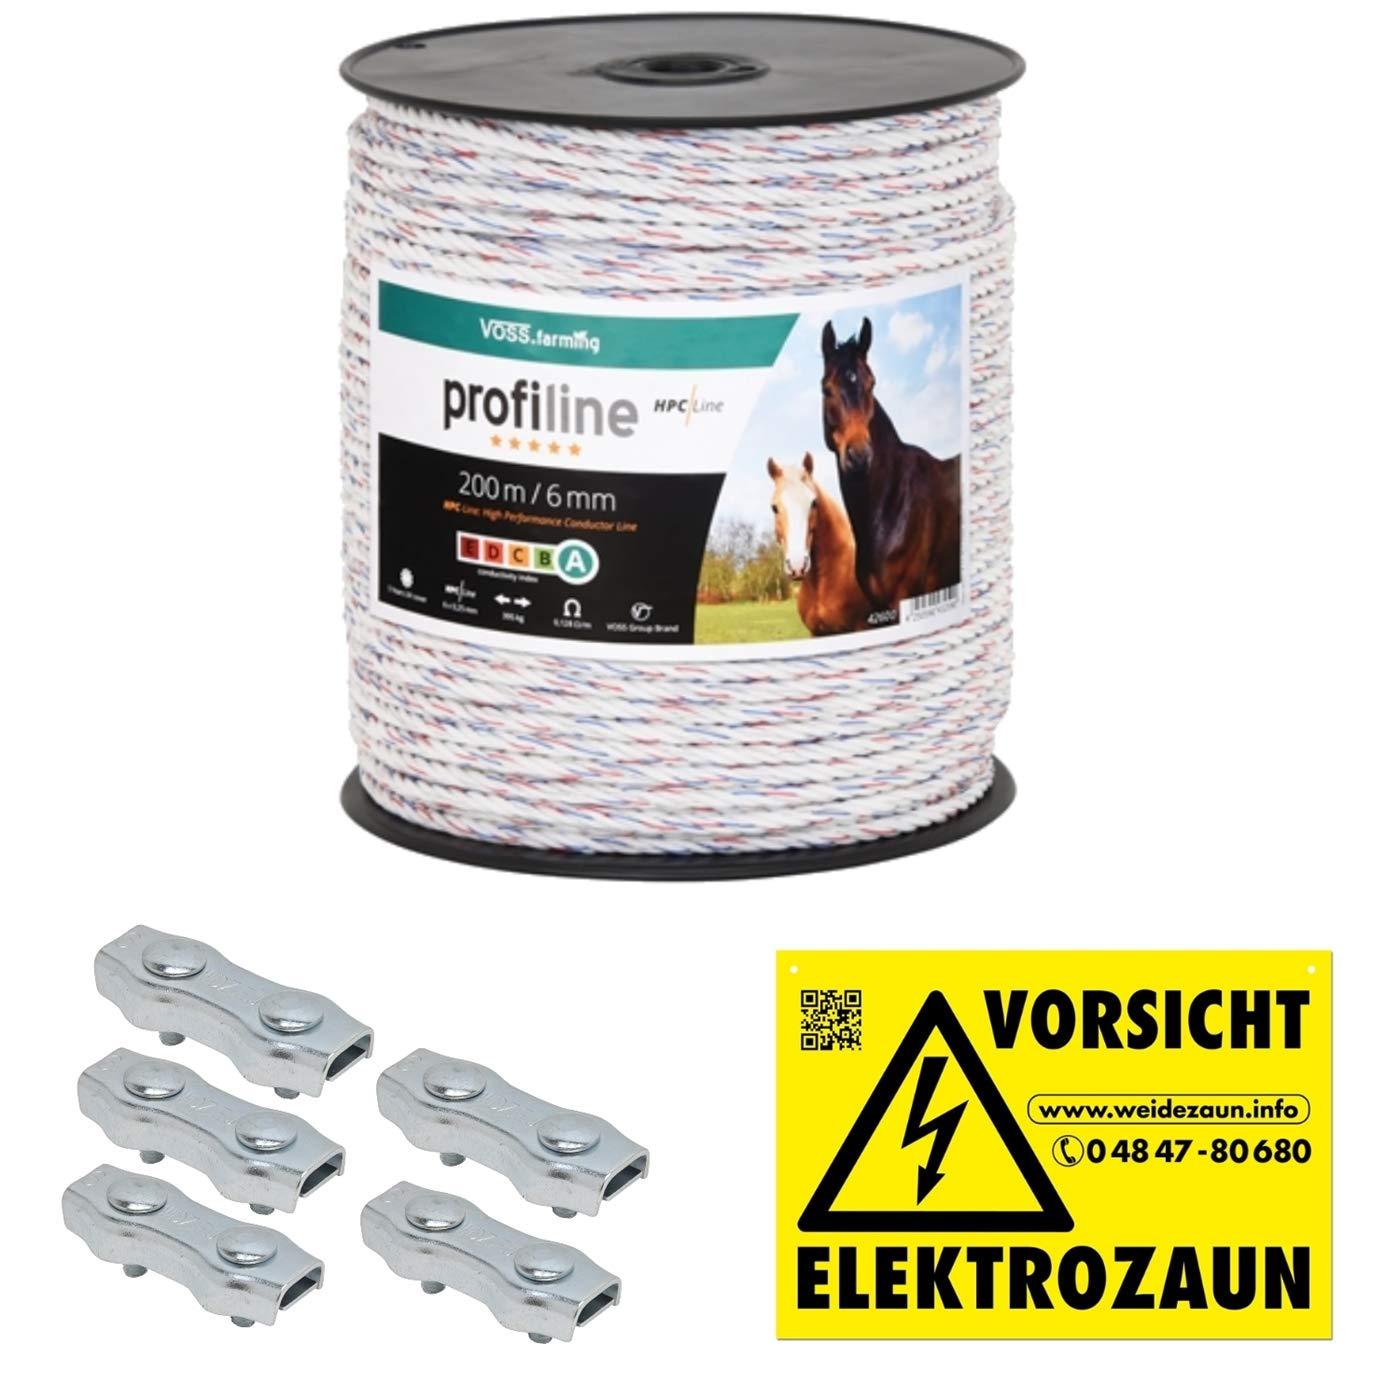 VOSS.farming 200m Kunststoffseil 6mm mit Seilverbindern Weidezaunseil Weidezaun Litze Kordel fü r Pferdezaun Pferdekoppel